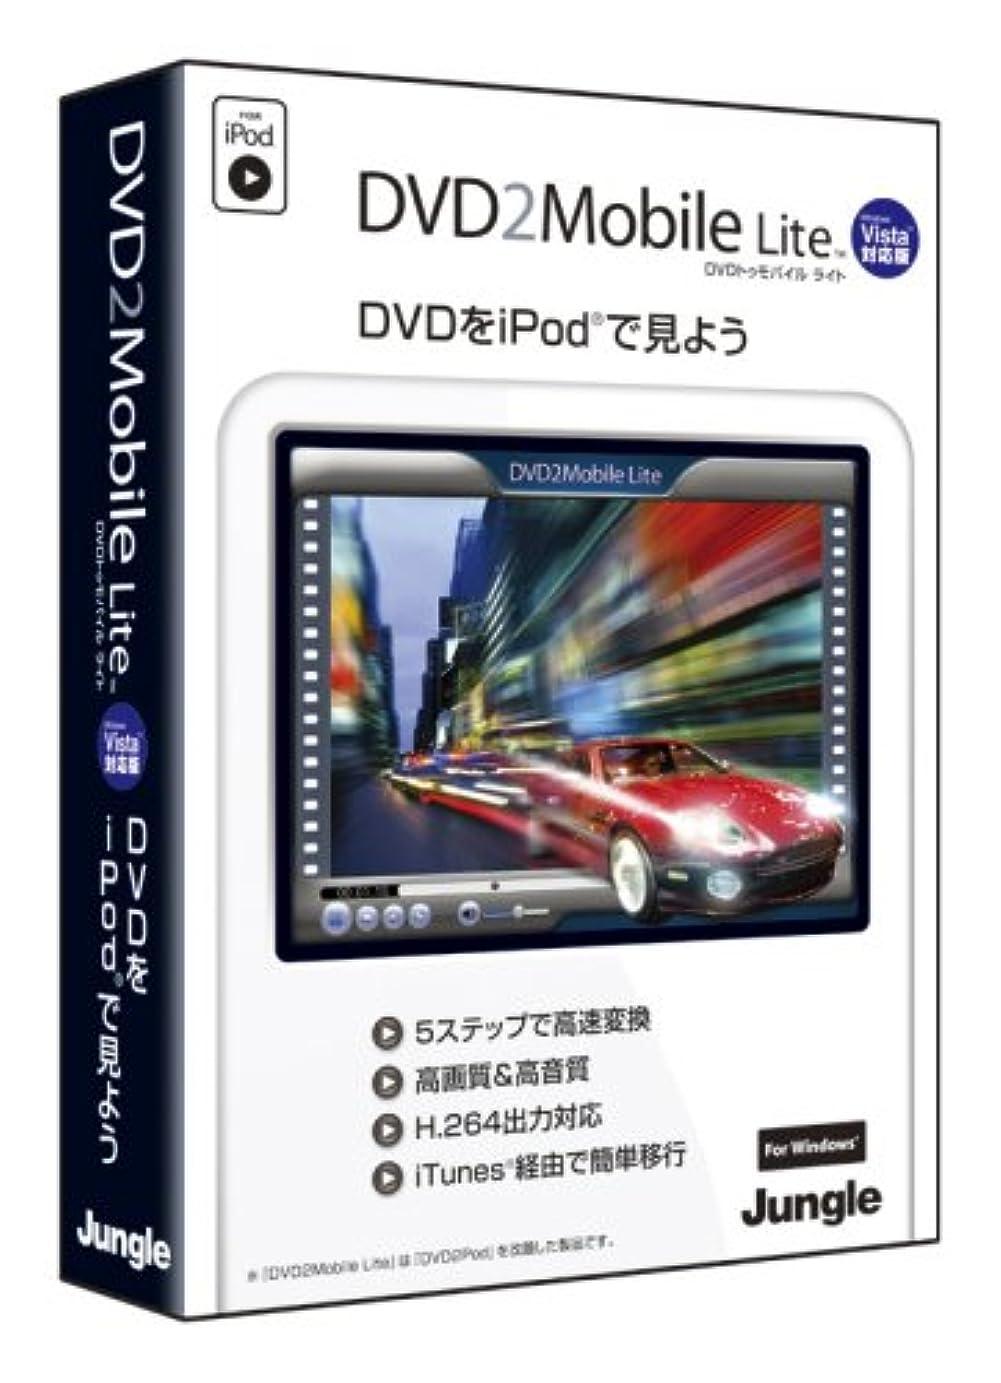 愛情深いホバー販売計画DVD2Mobile Lite Vista対応版